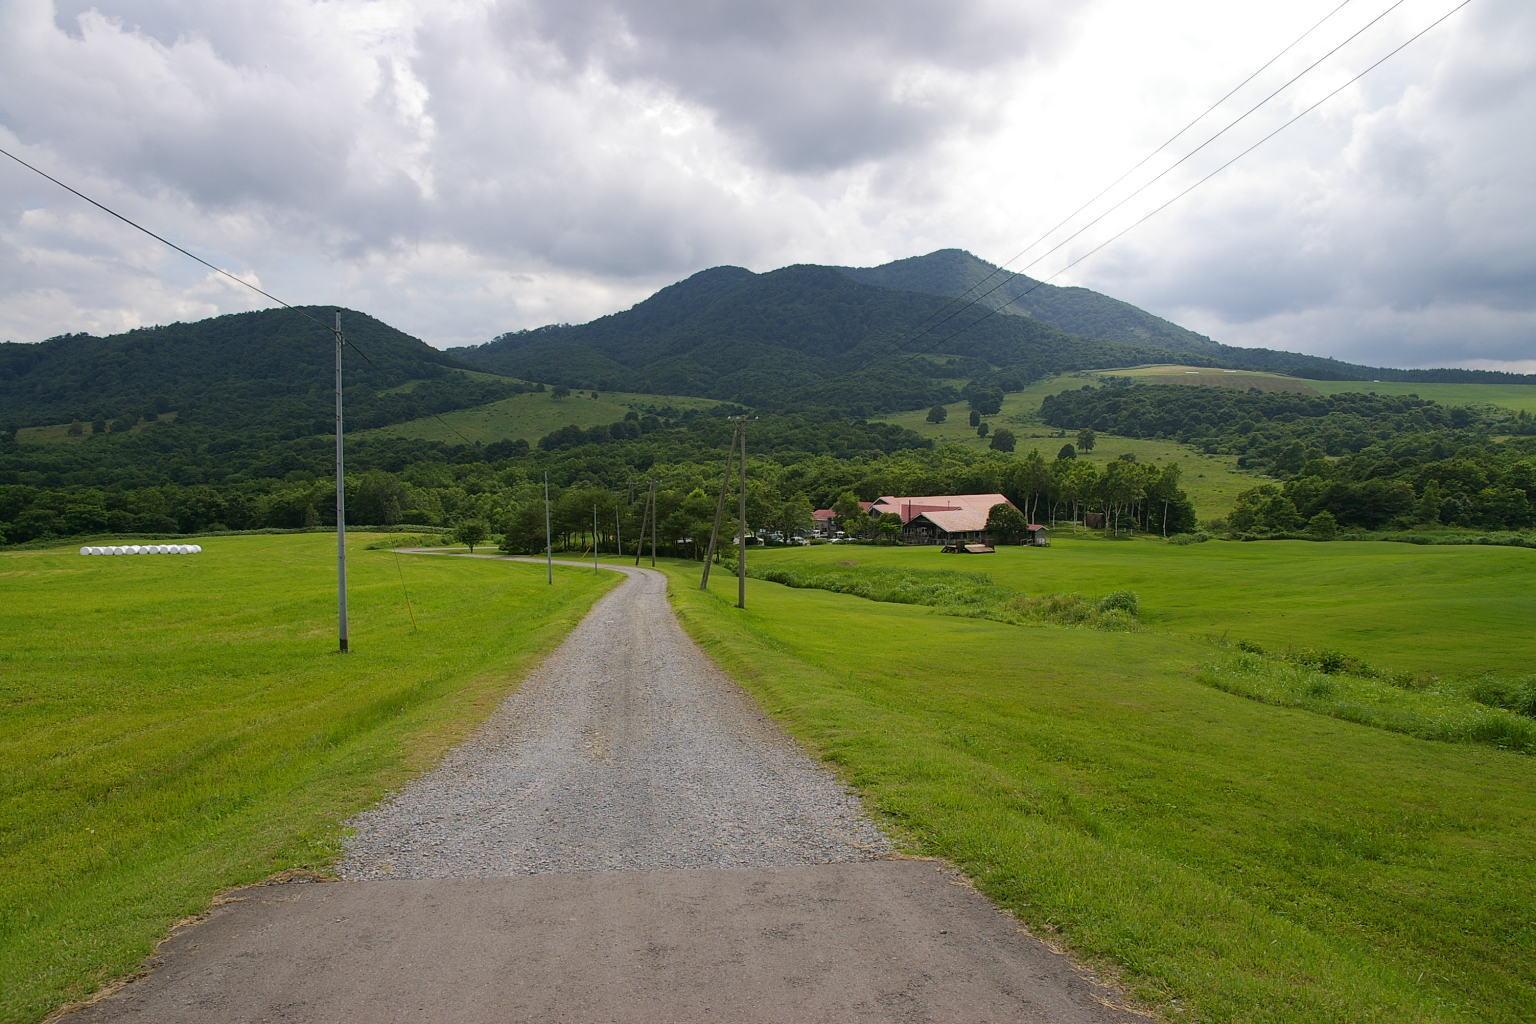 七時雨山荘へ向かうダート道